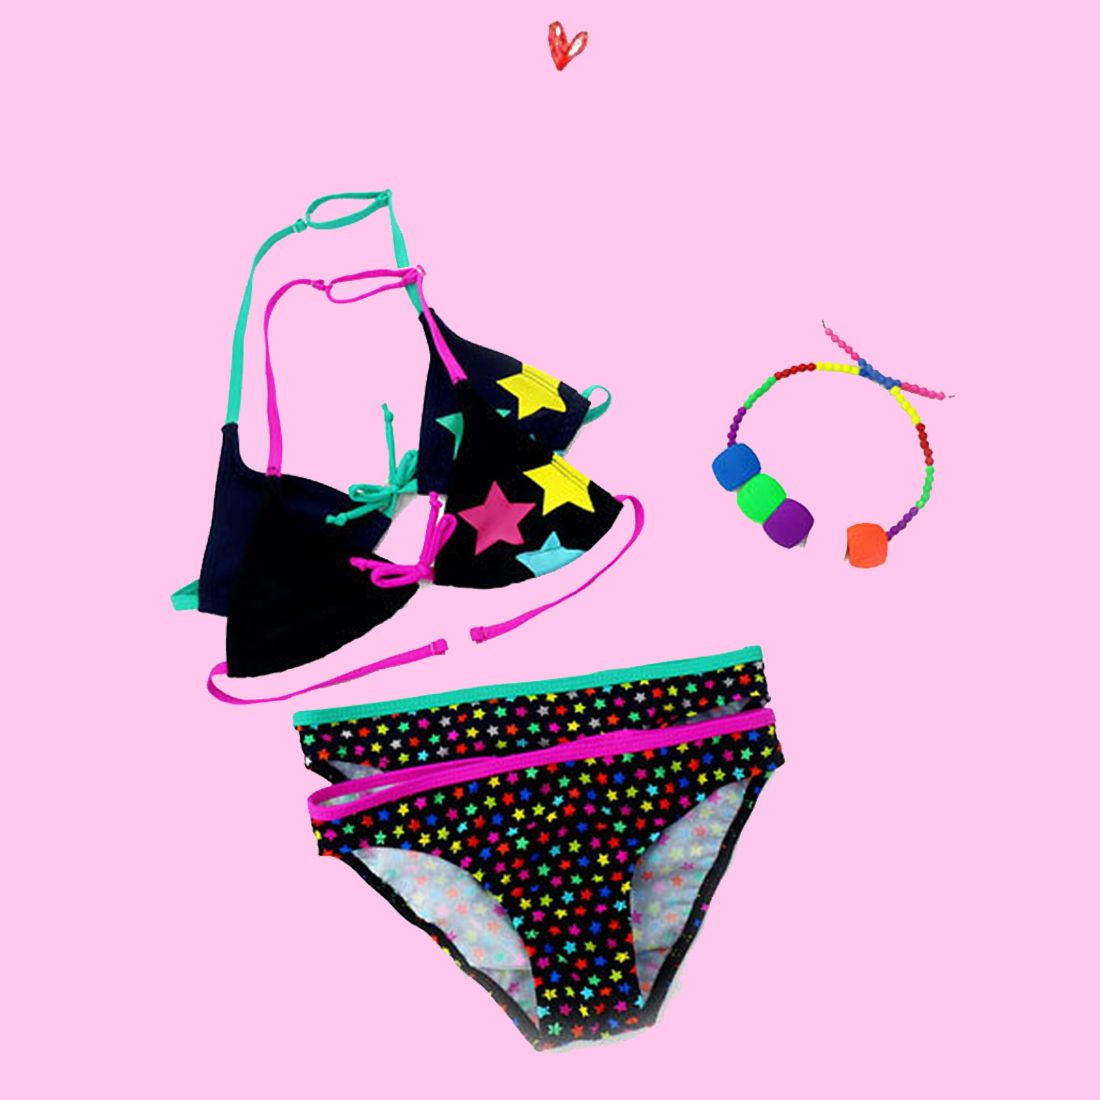 2017 neue Sommer Badeanzug Mädchen split Zwei stücke Bademode, kinder Nette Stern Muster Split Bikini Mädchen Badeanzug Großhandel